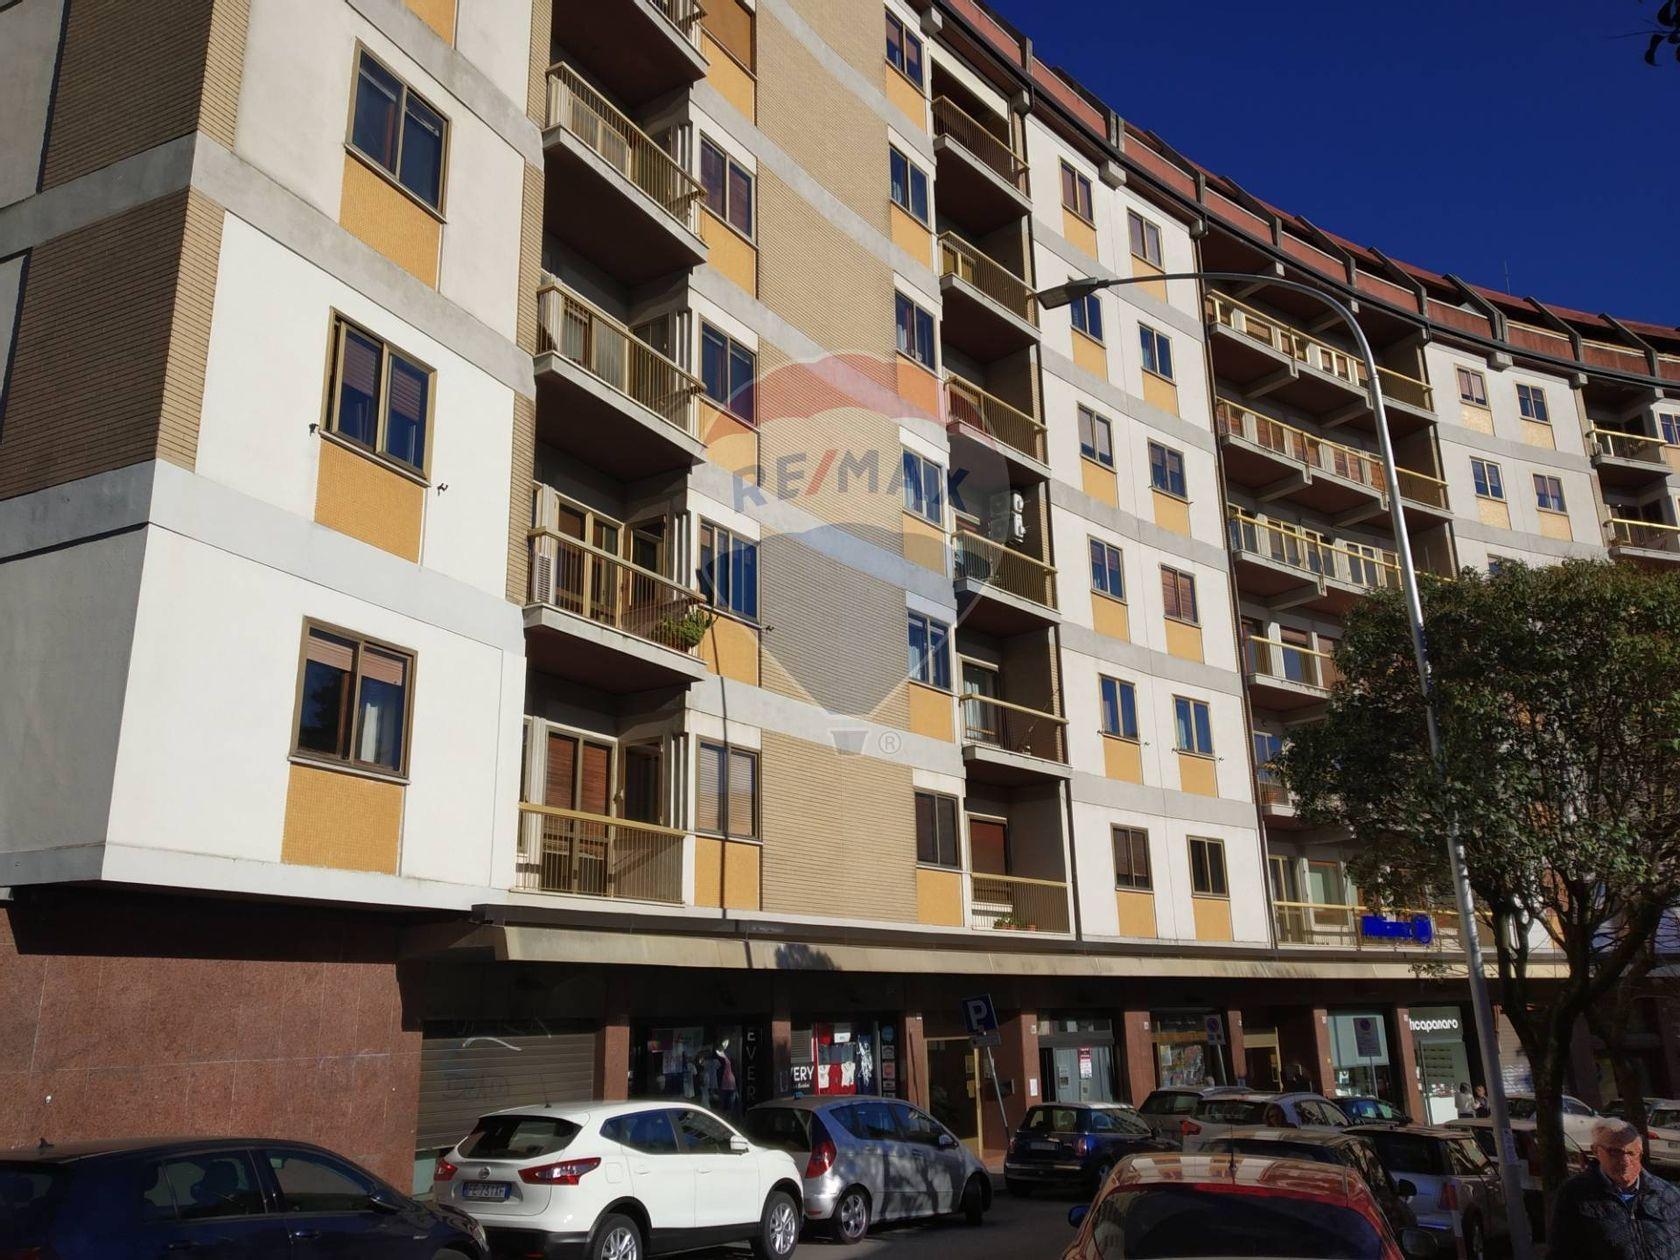 Locale commerciale in vendita catanzaro 35021001 48 re for Centro convenienza arredi catanzaro catanzaro cz